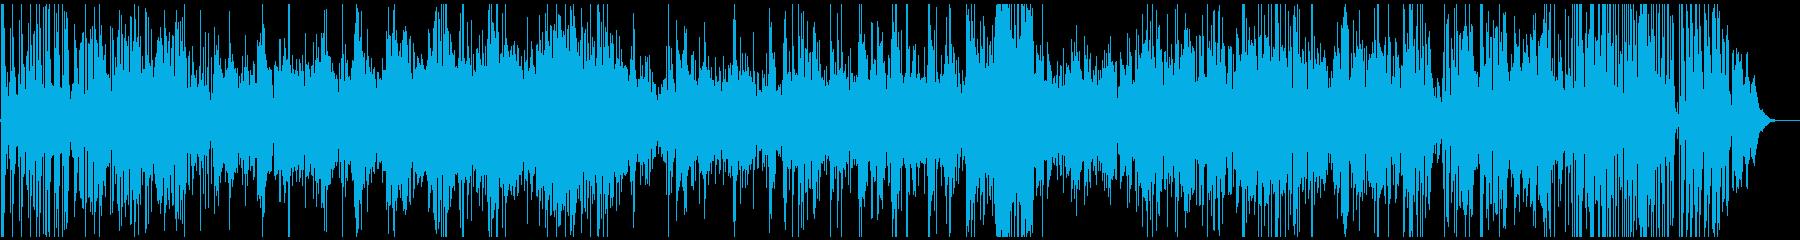 スイングジャズ。イントロに最適。ジ...の再生済みの波形